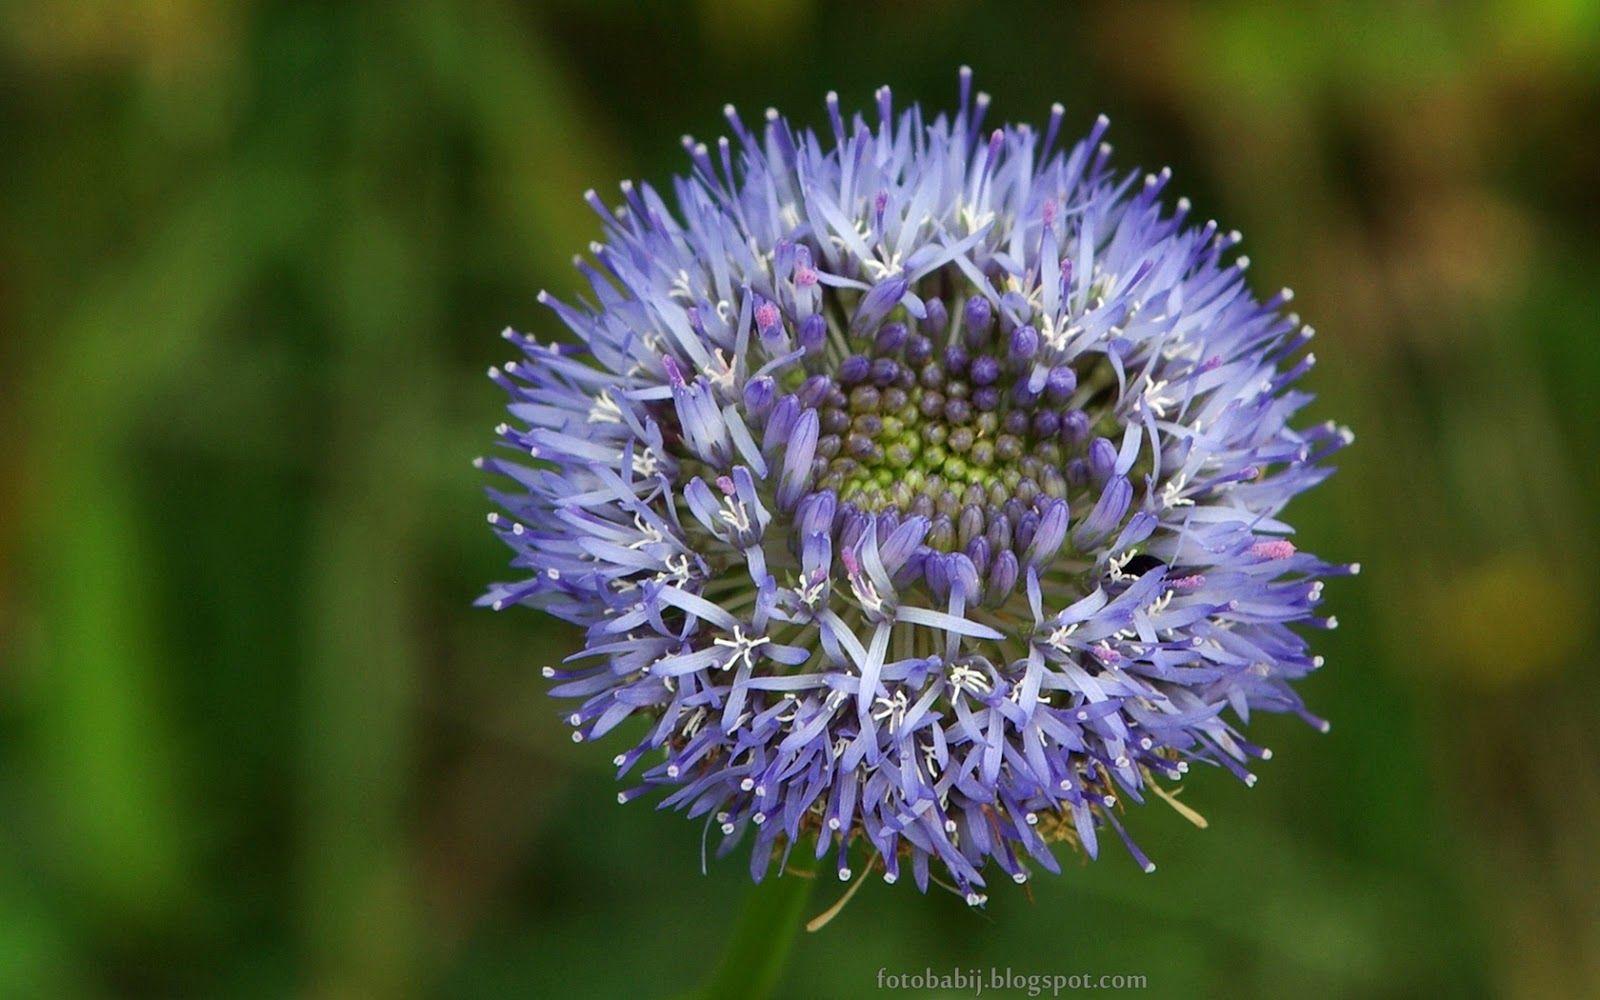 Tapety Na Pulpit 4k Ultra Hd Full Hd I Inne Rozdzielczosci Jasieniec Piaskowy Kwiat Jasione Montana Flower